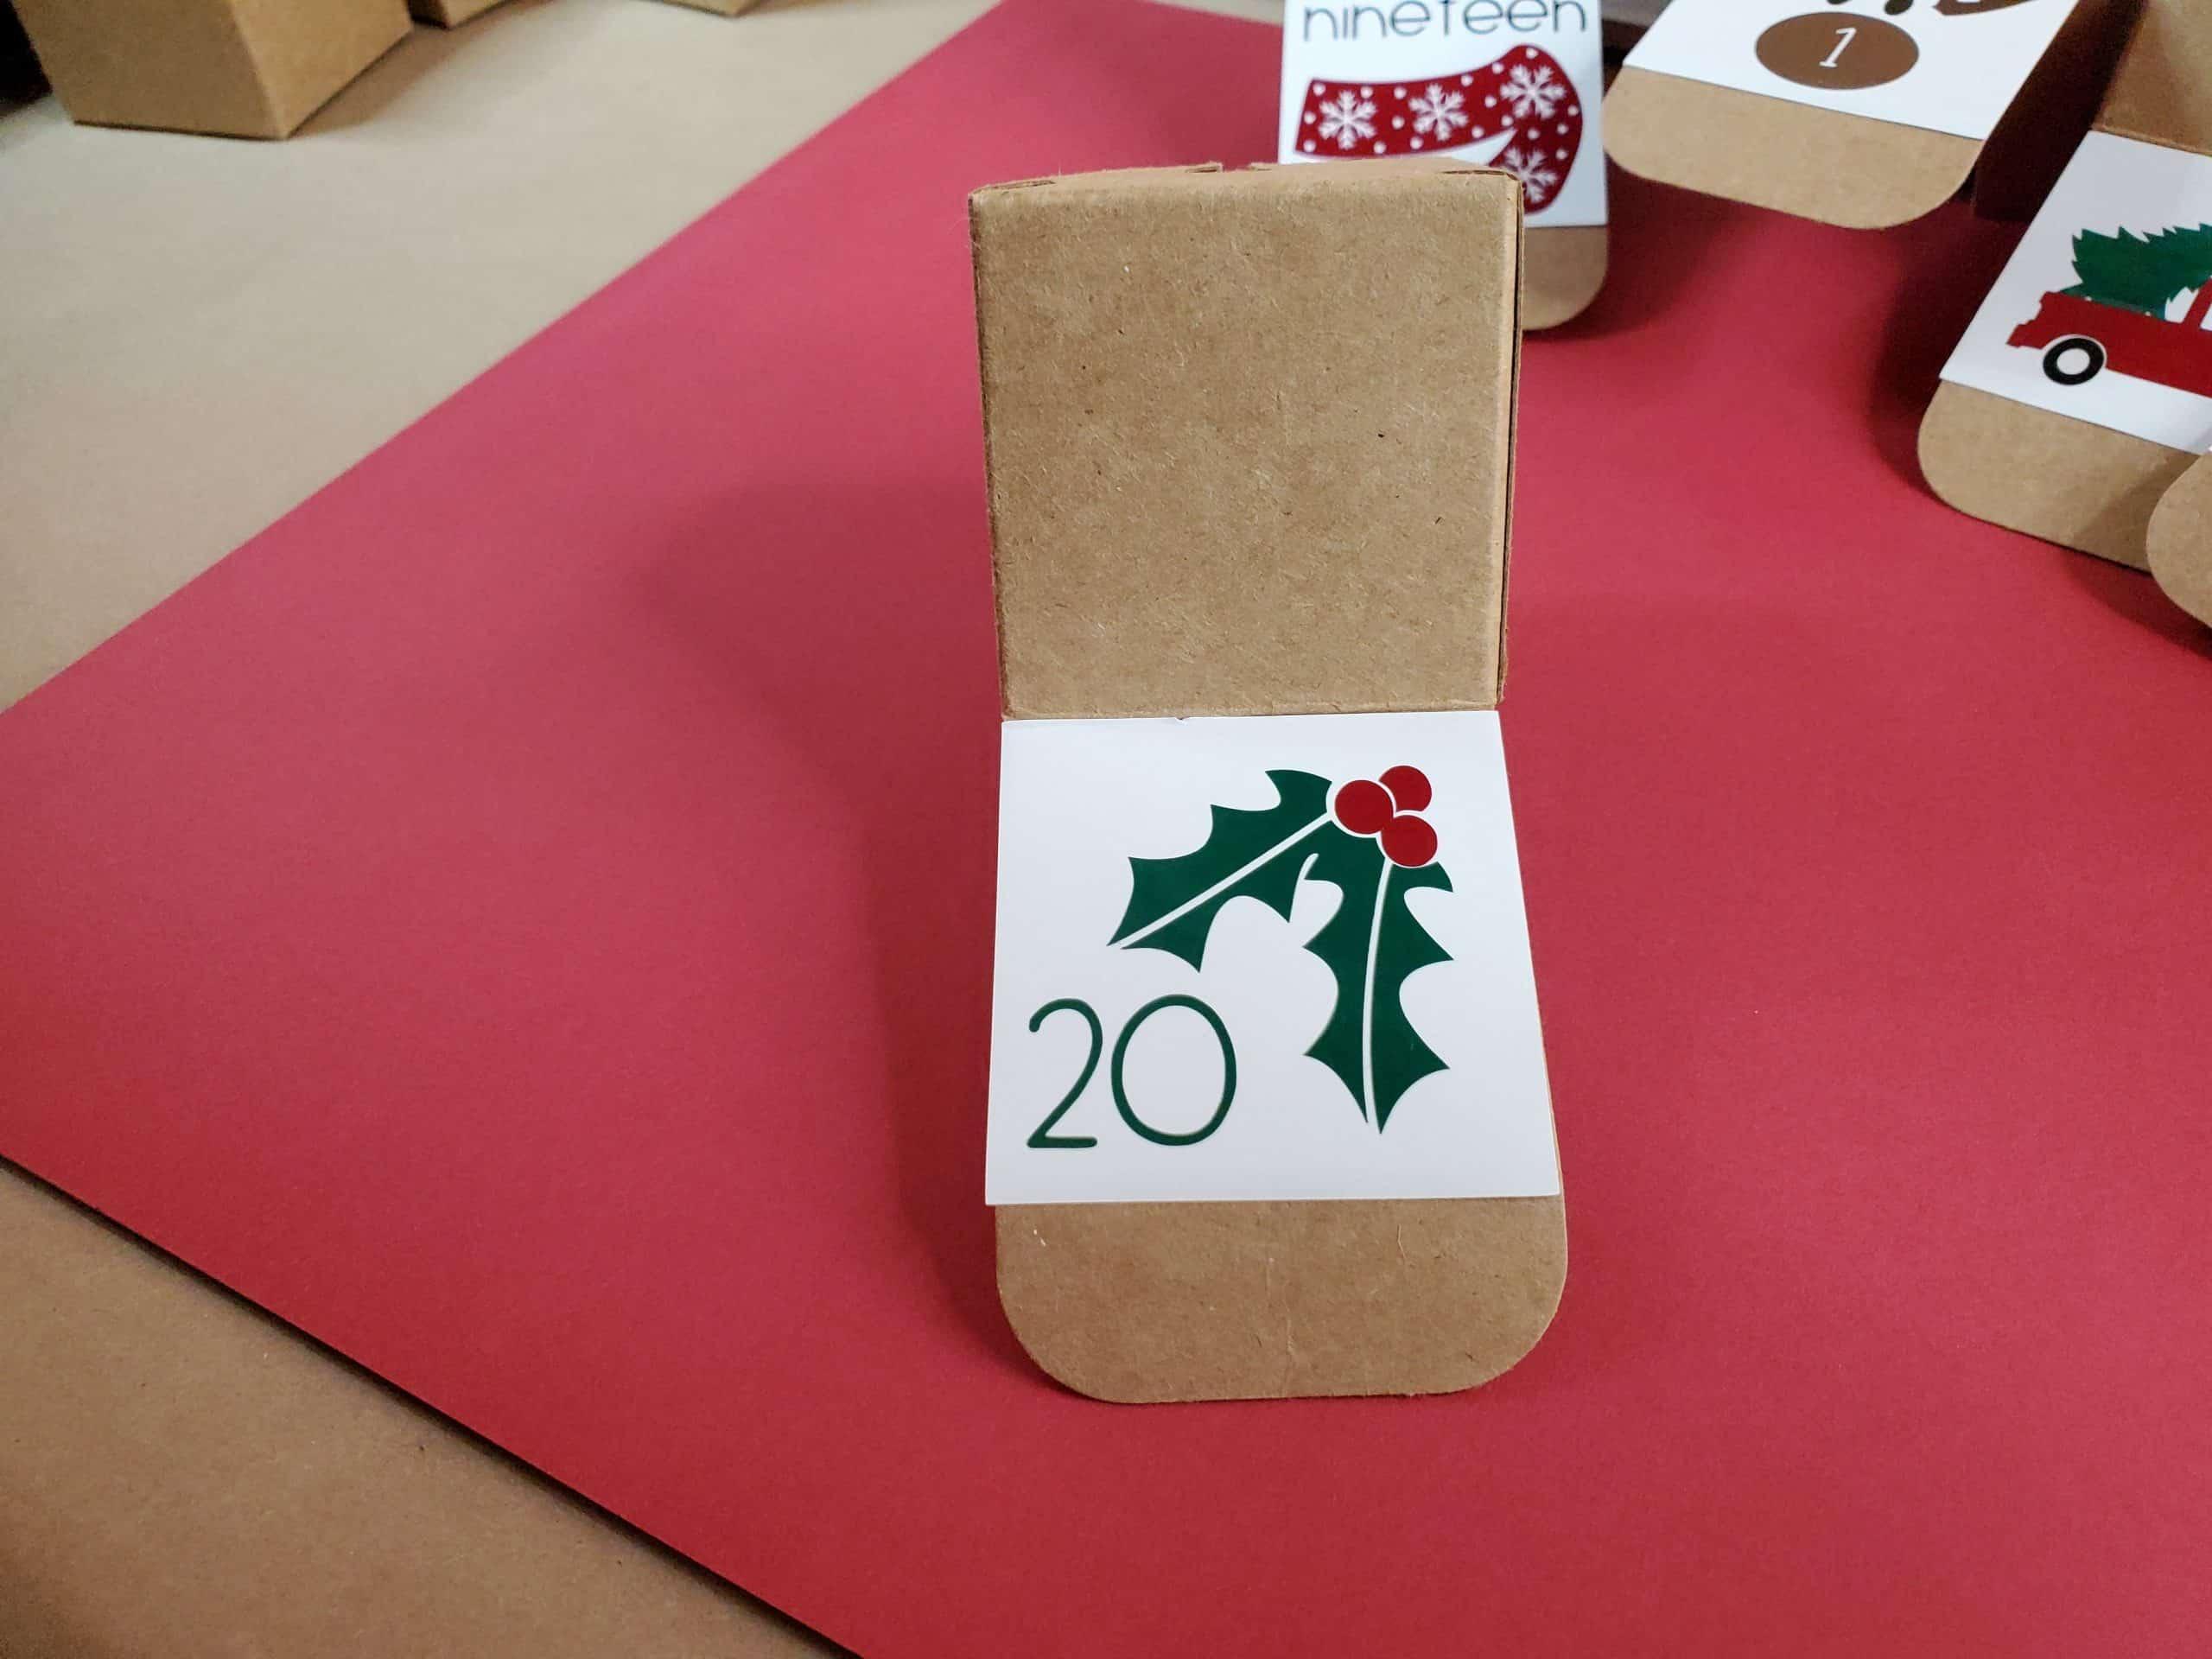 Square 20 box